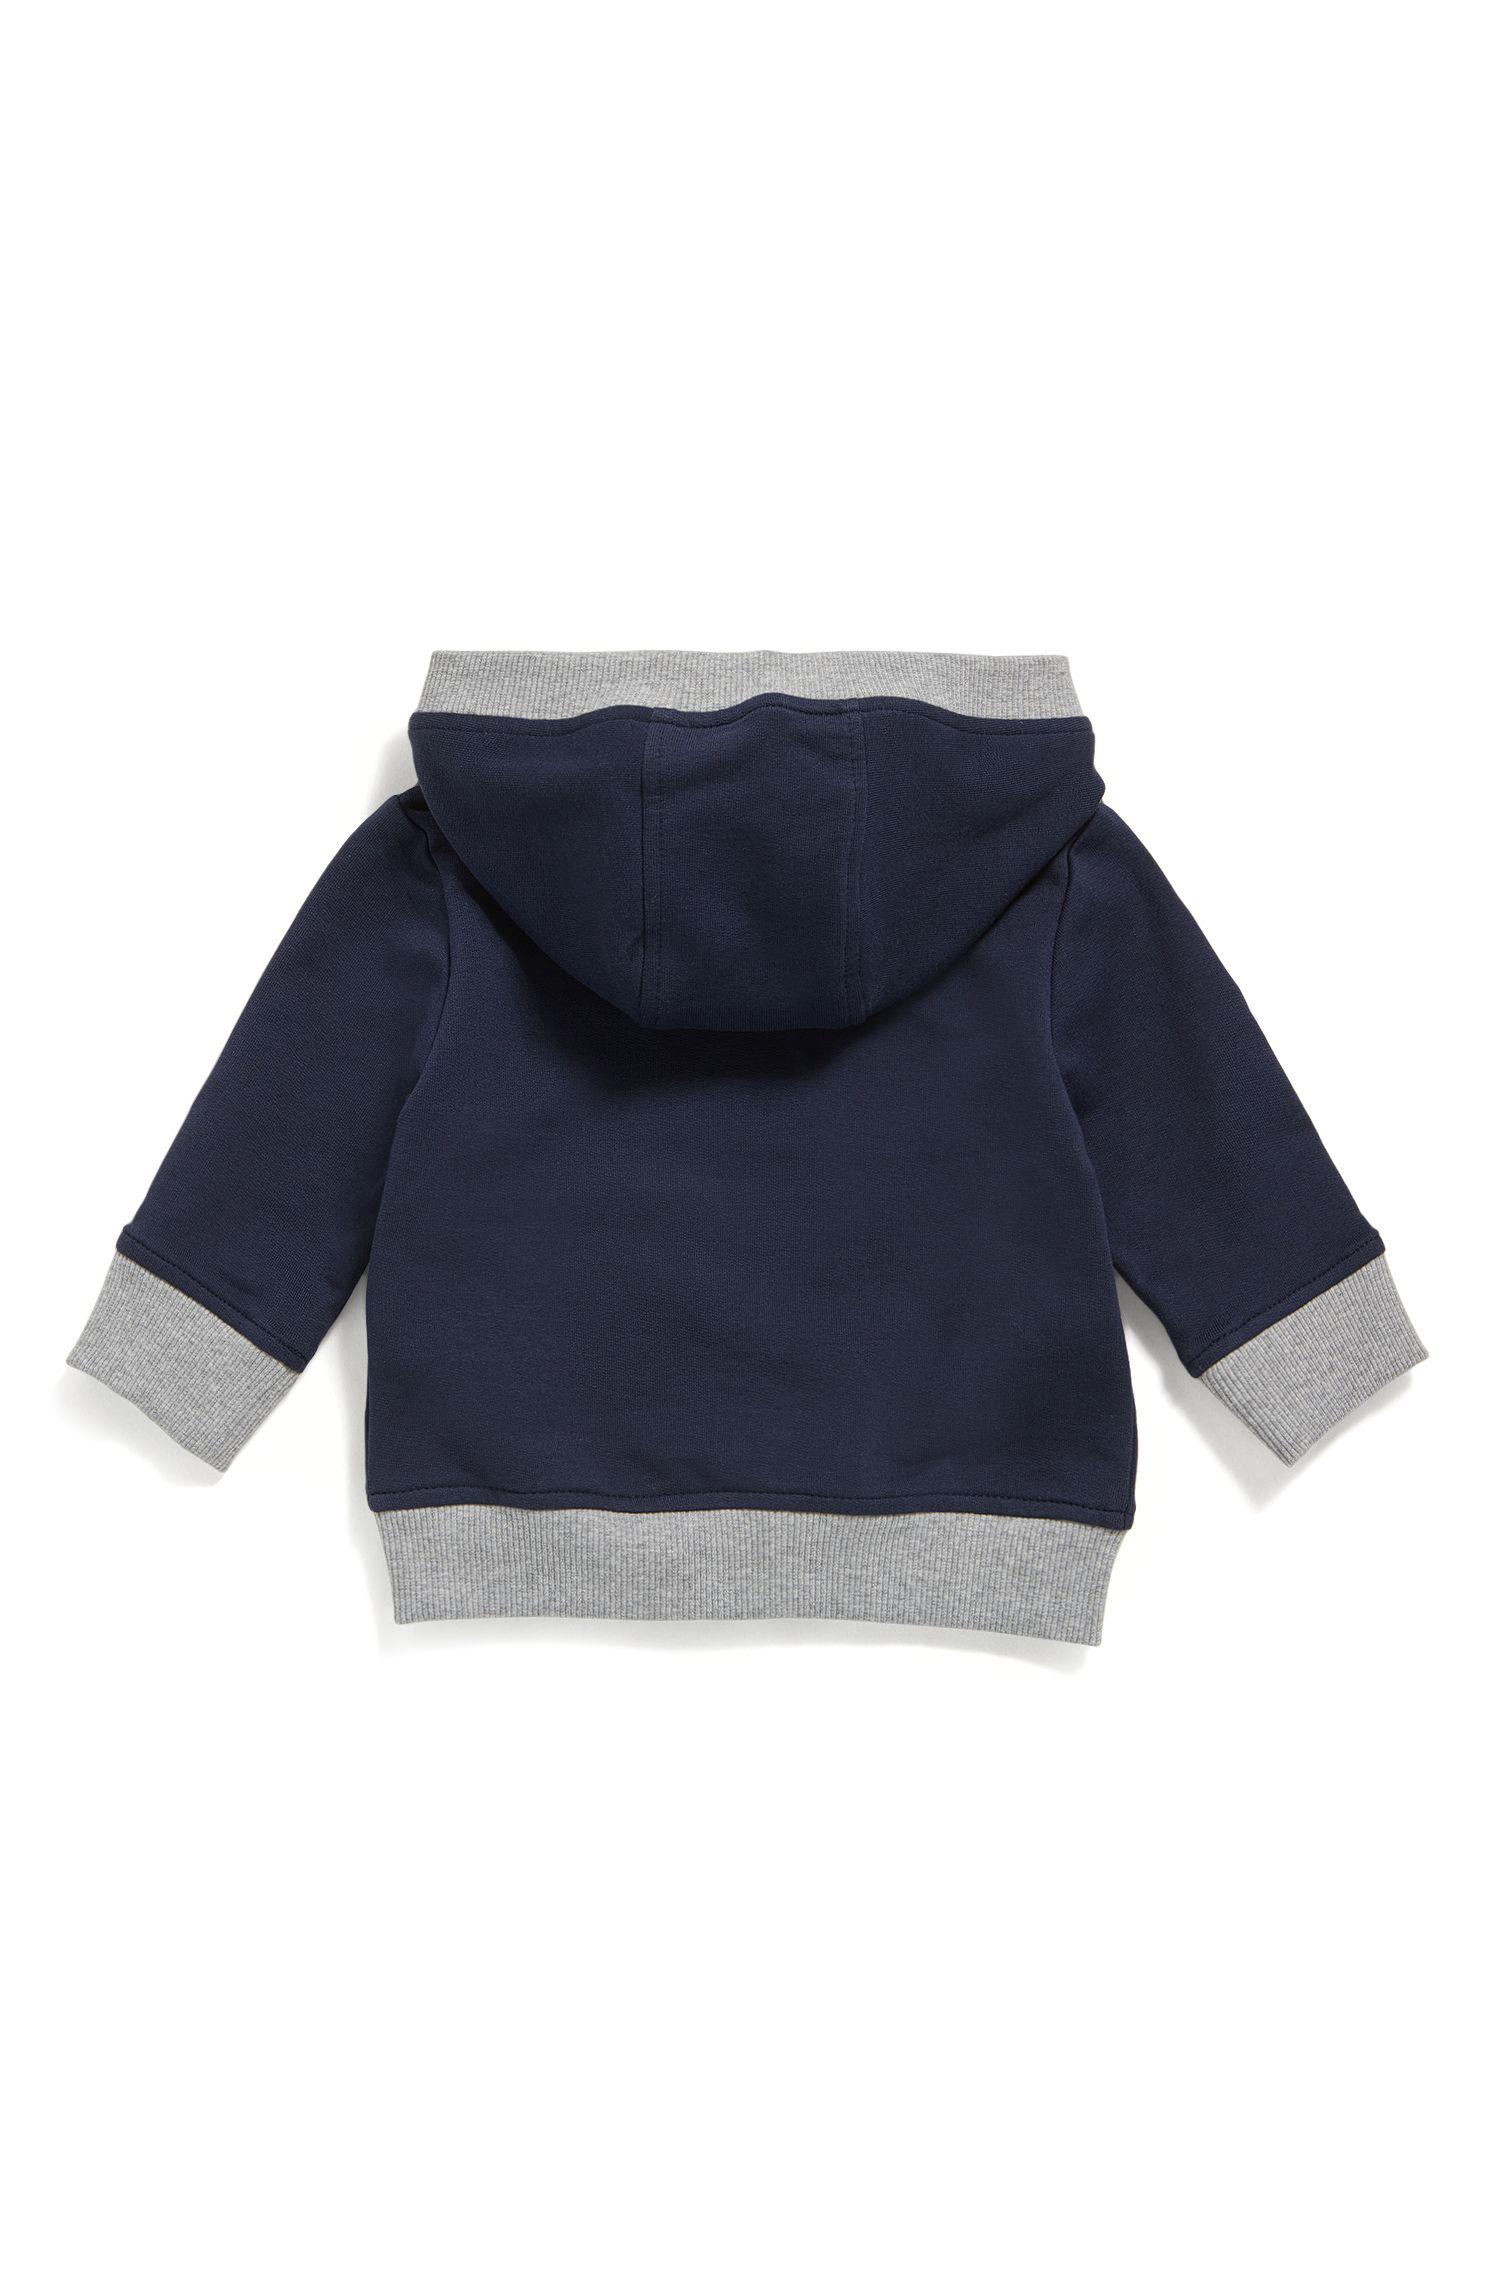 Kids' zip-through sweatshirt in cotton fleece